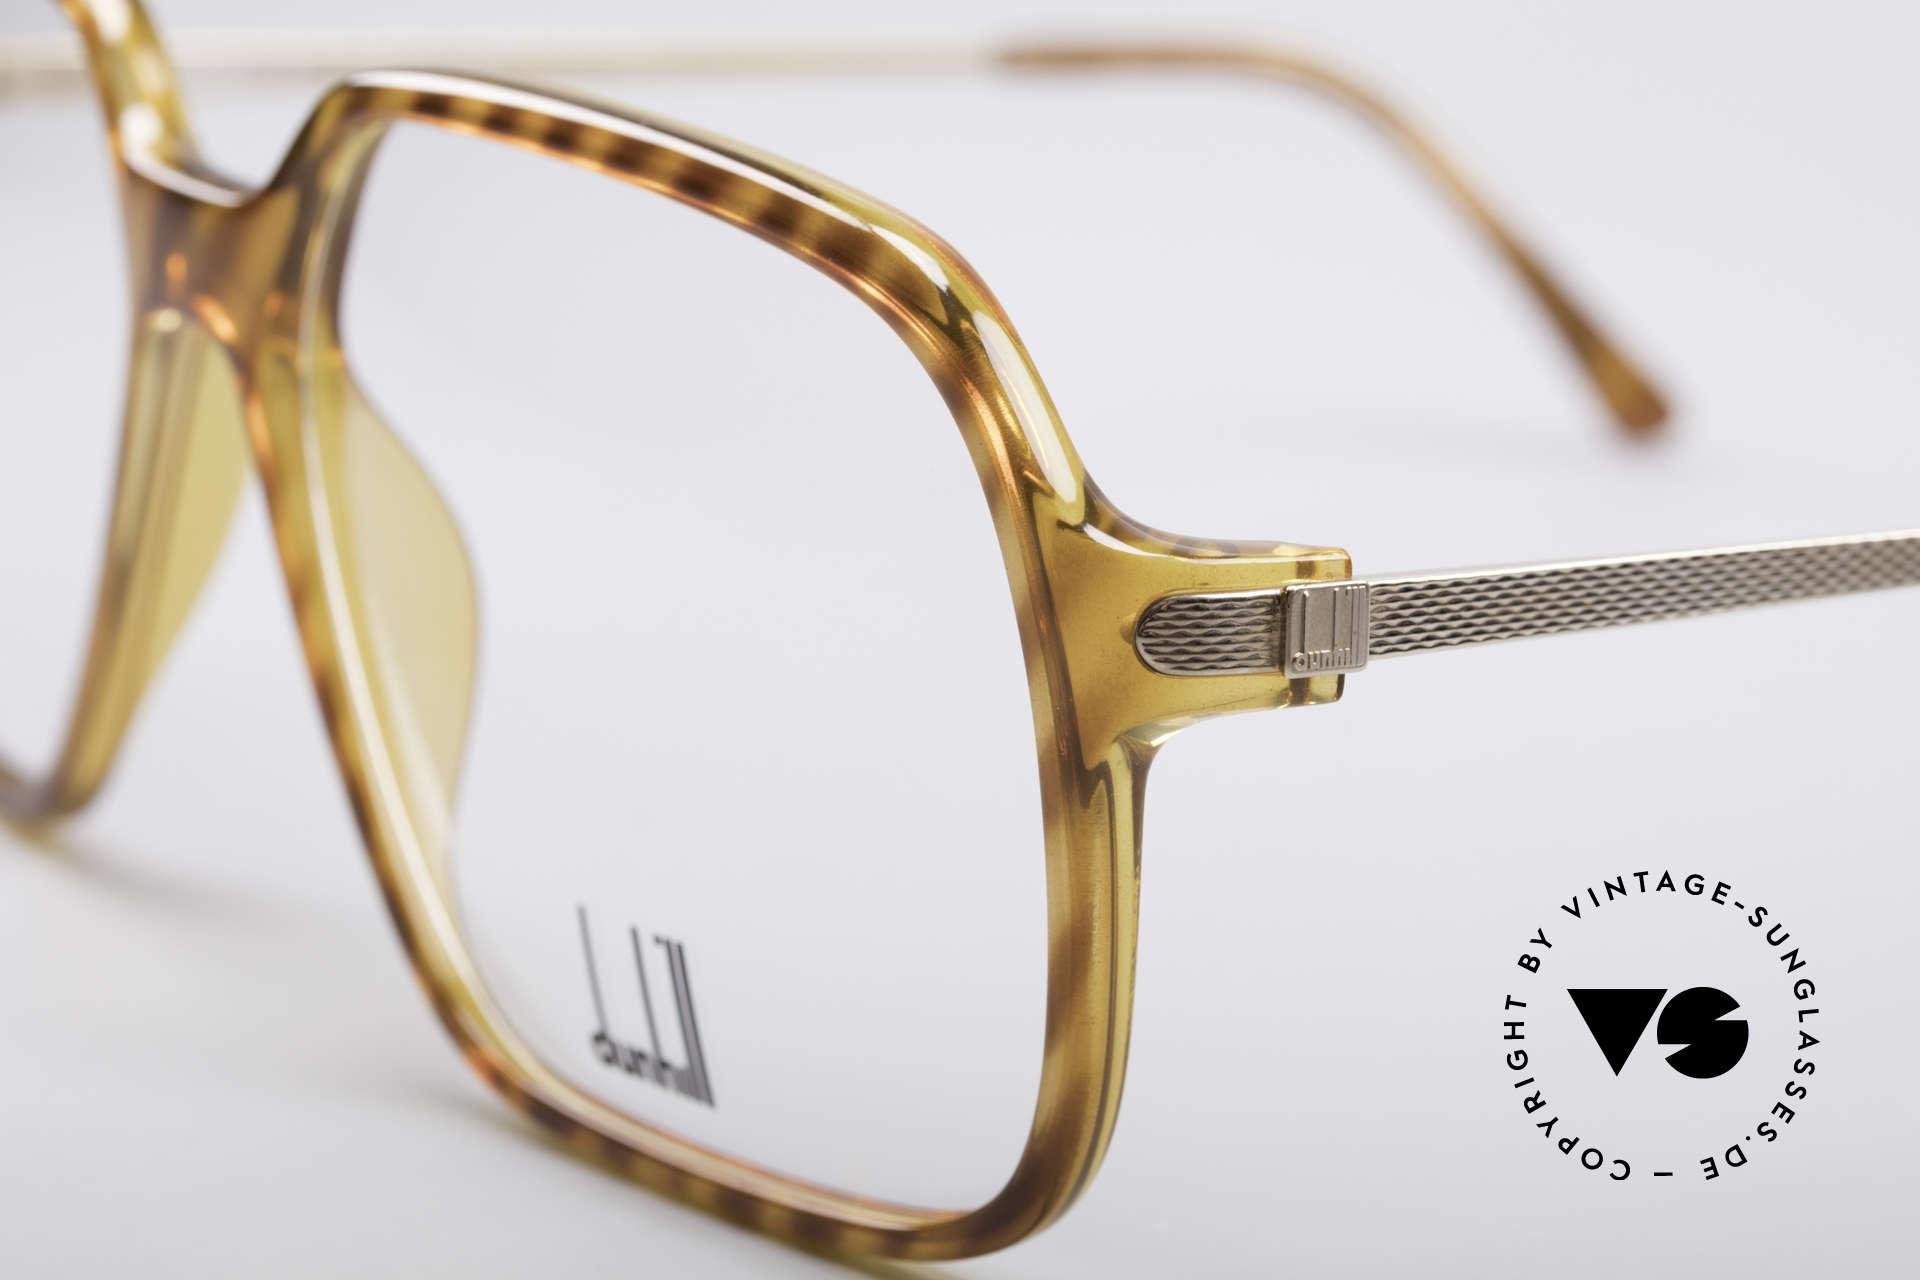 Dunhill 6108 Jay Z Hip Hop Vintage Brille, ungetragen (wie all unsere HipHop Dunhill Brillen), Passend für Herren